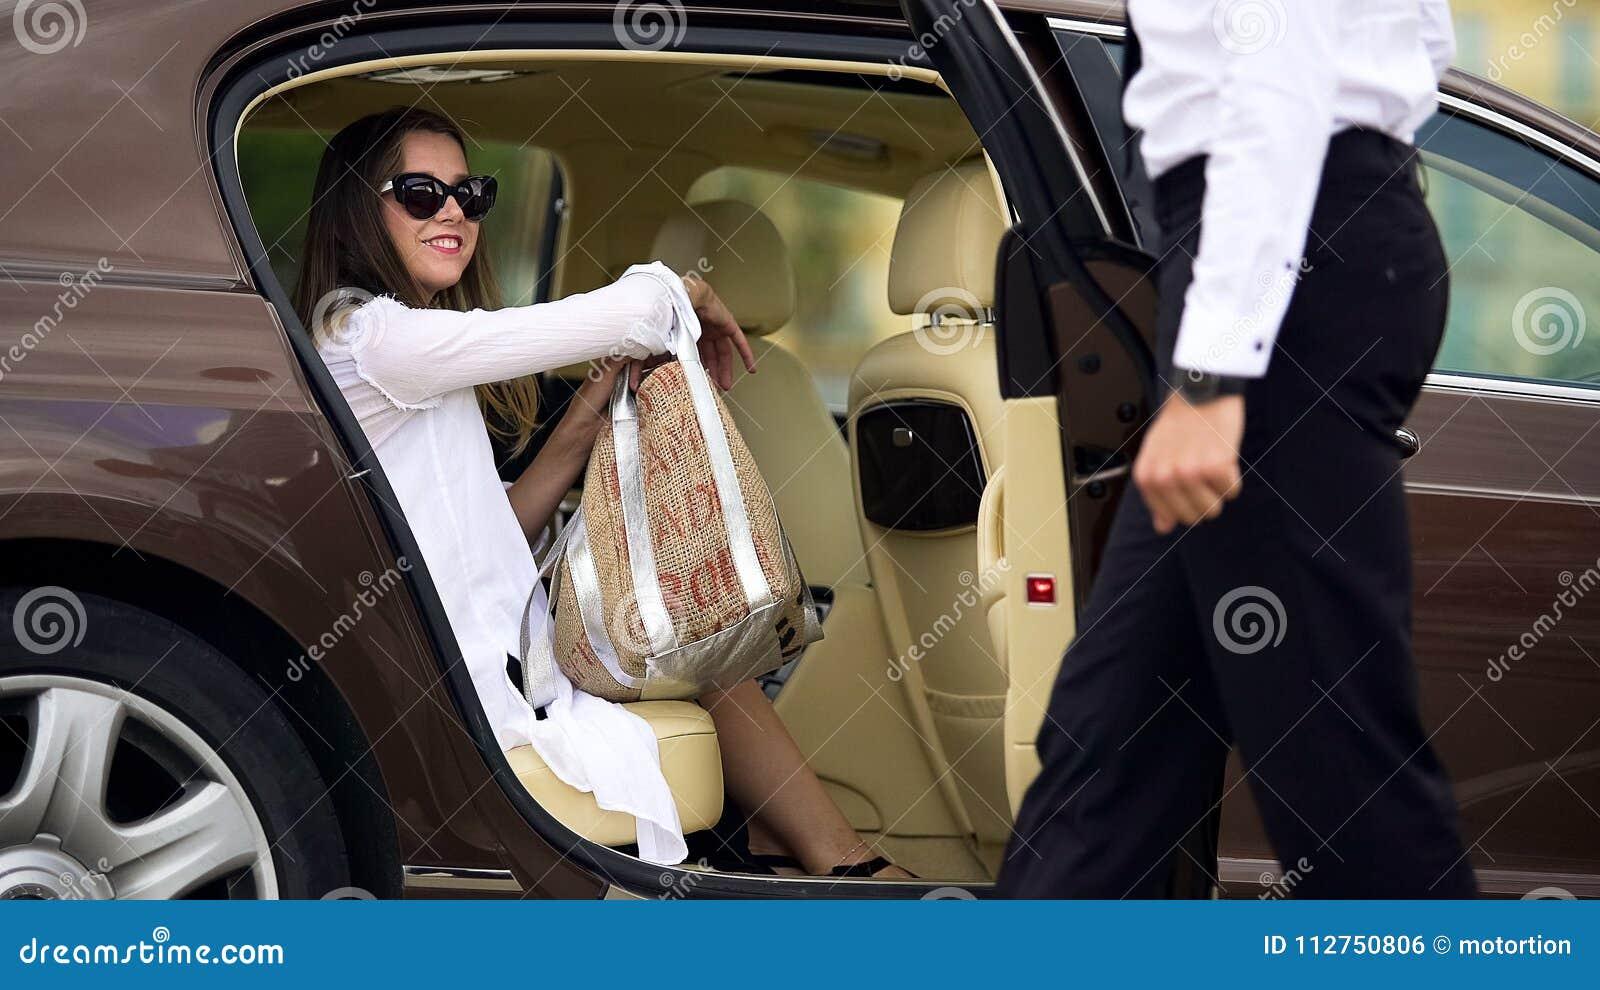 Luxustaxiservice, Fahreröffnungs-Autotür für weiblichen Passagier, Reise